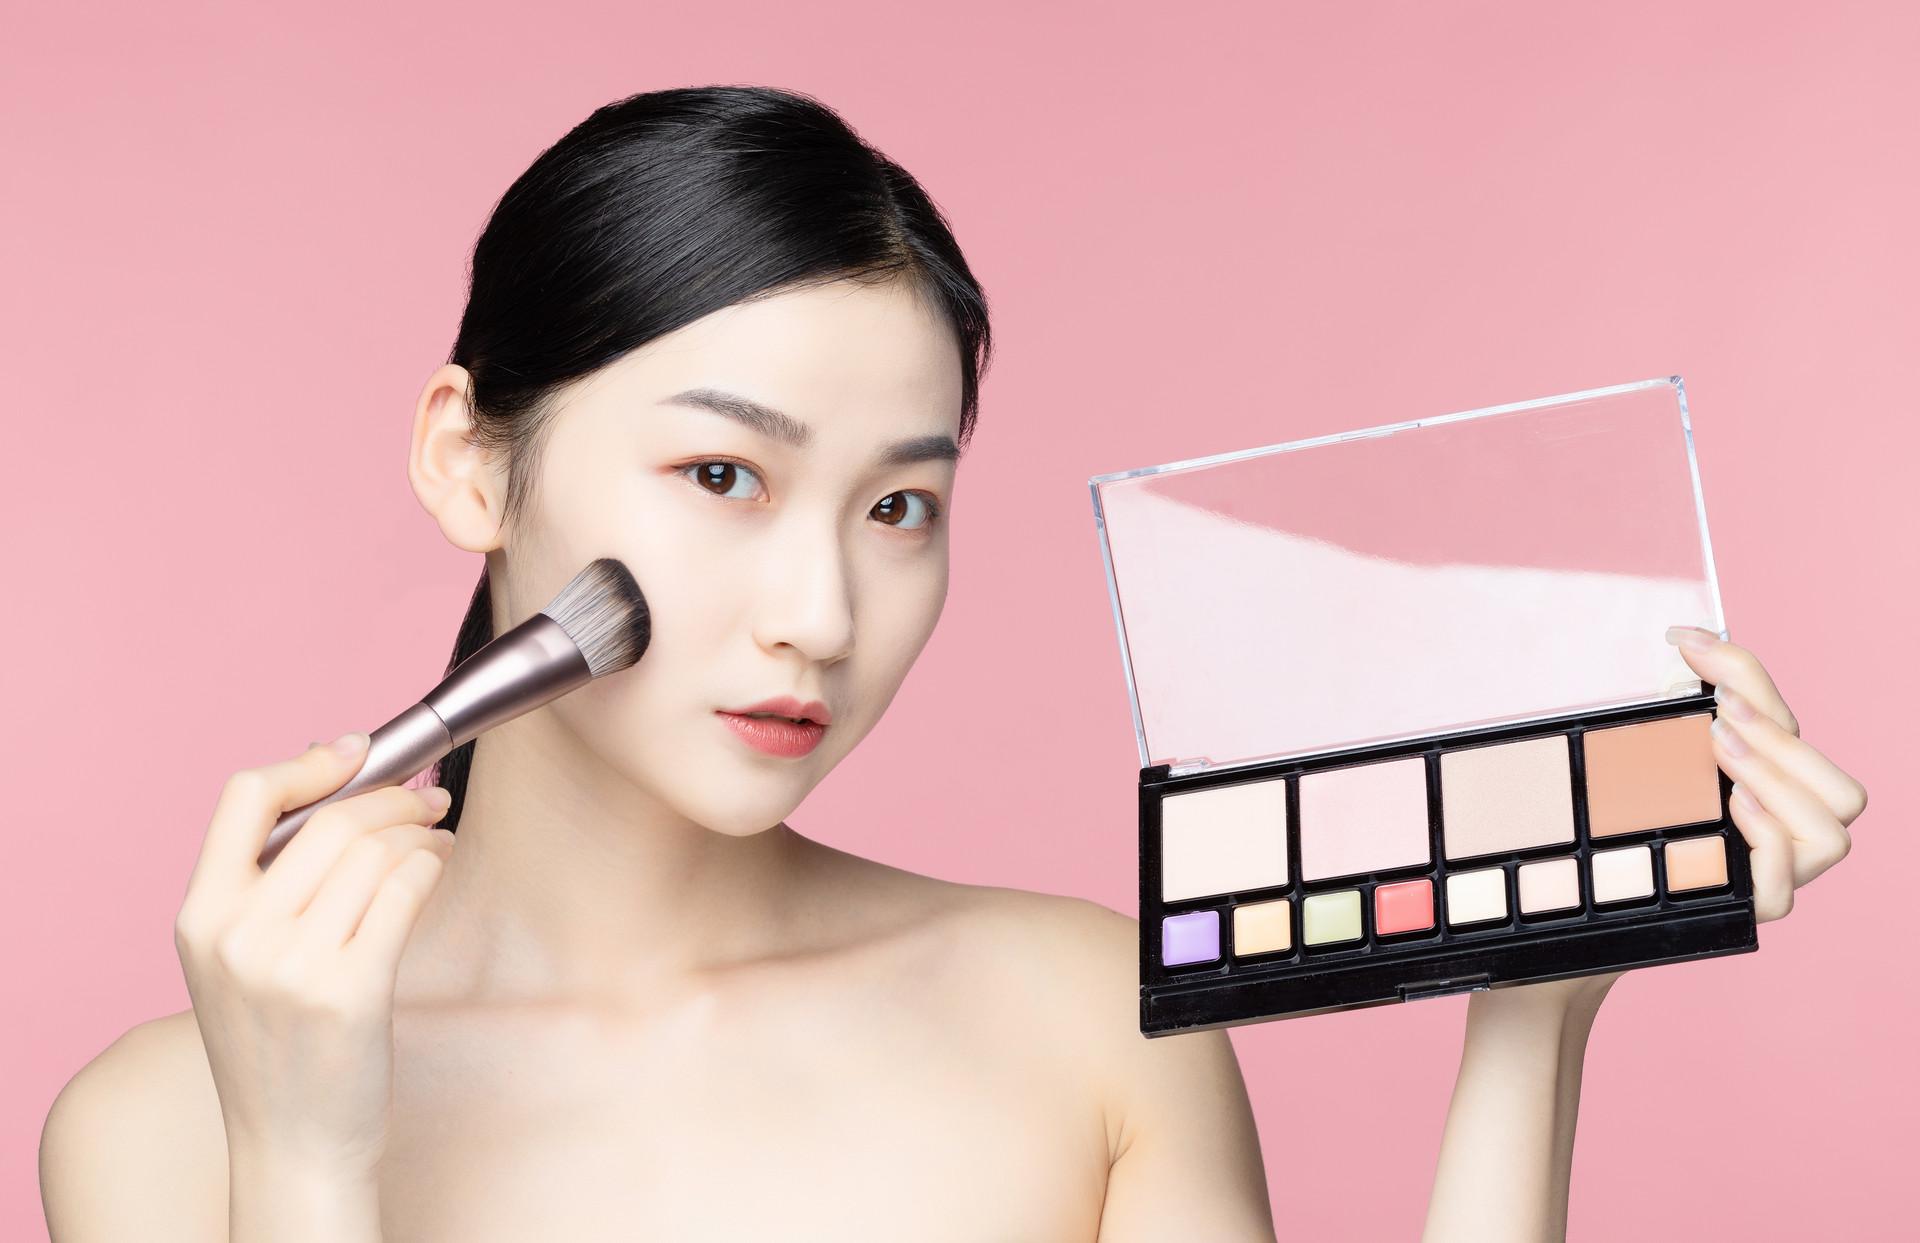 淄博哪个化妆培训机构好呢